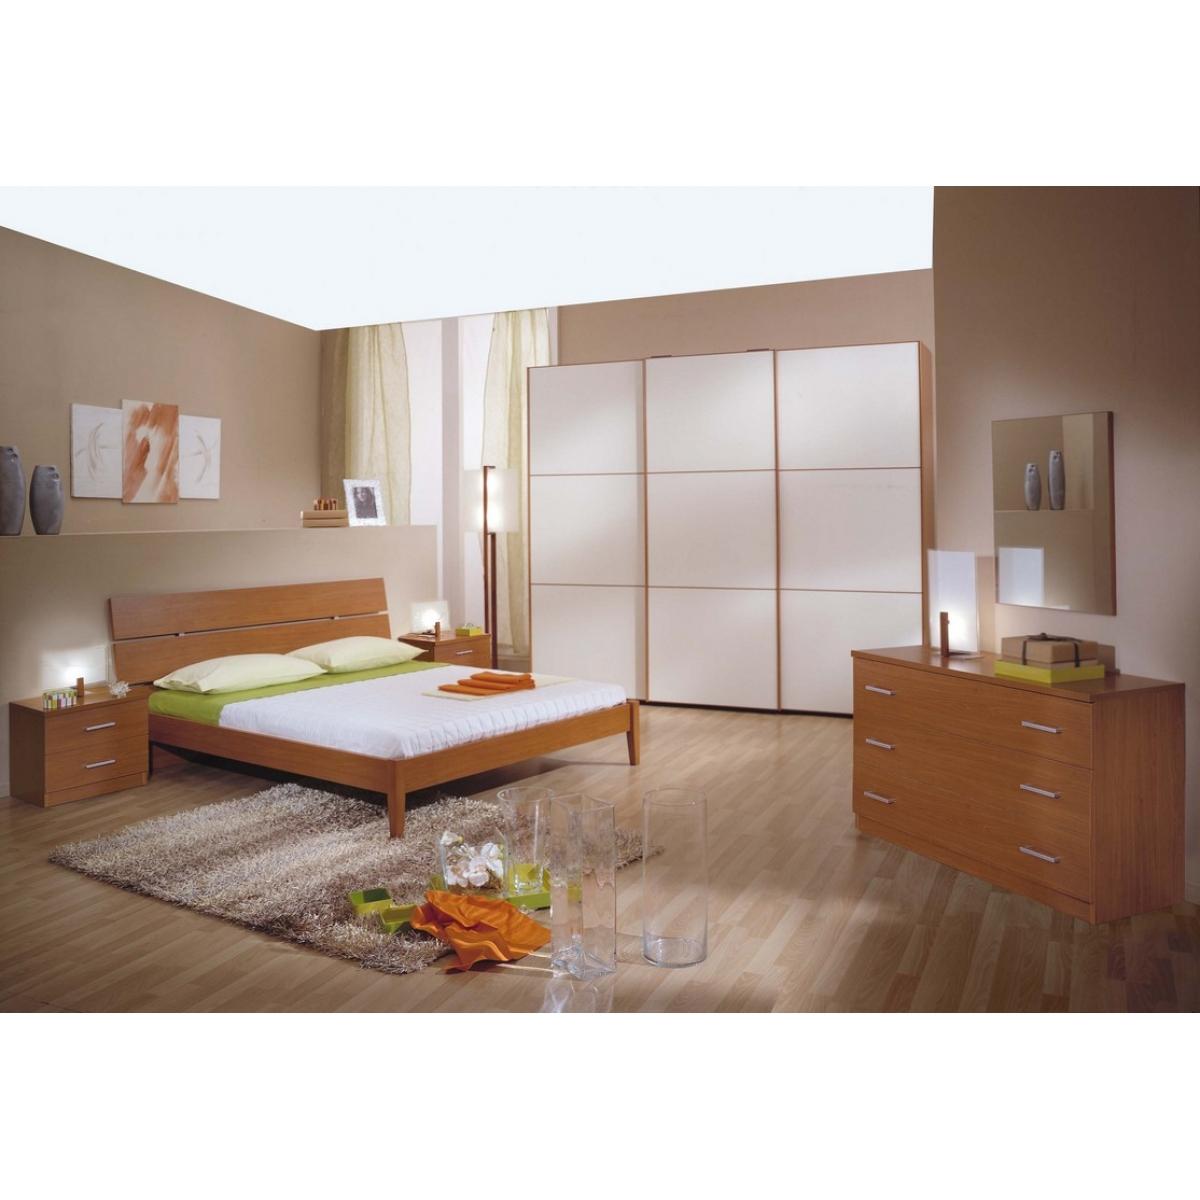 825 camera da letto ciliegio e panna anta scorrevole - Camera da letto in ciliegio ...